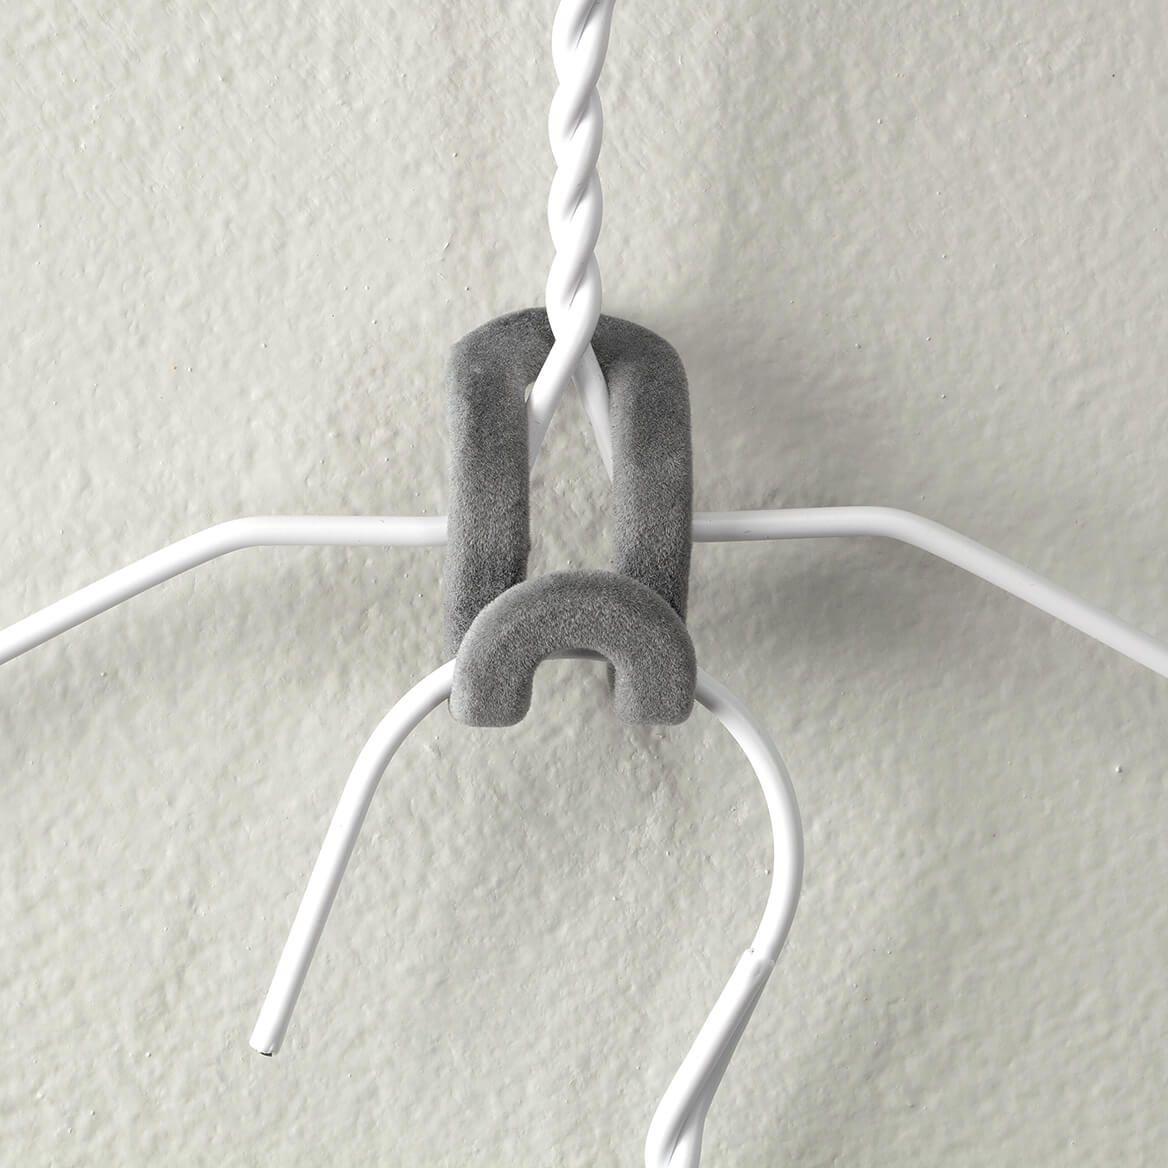 Space Saving Hanger Hooks, Set of 10-371986